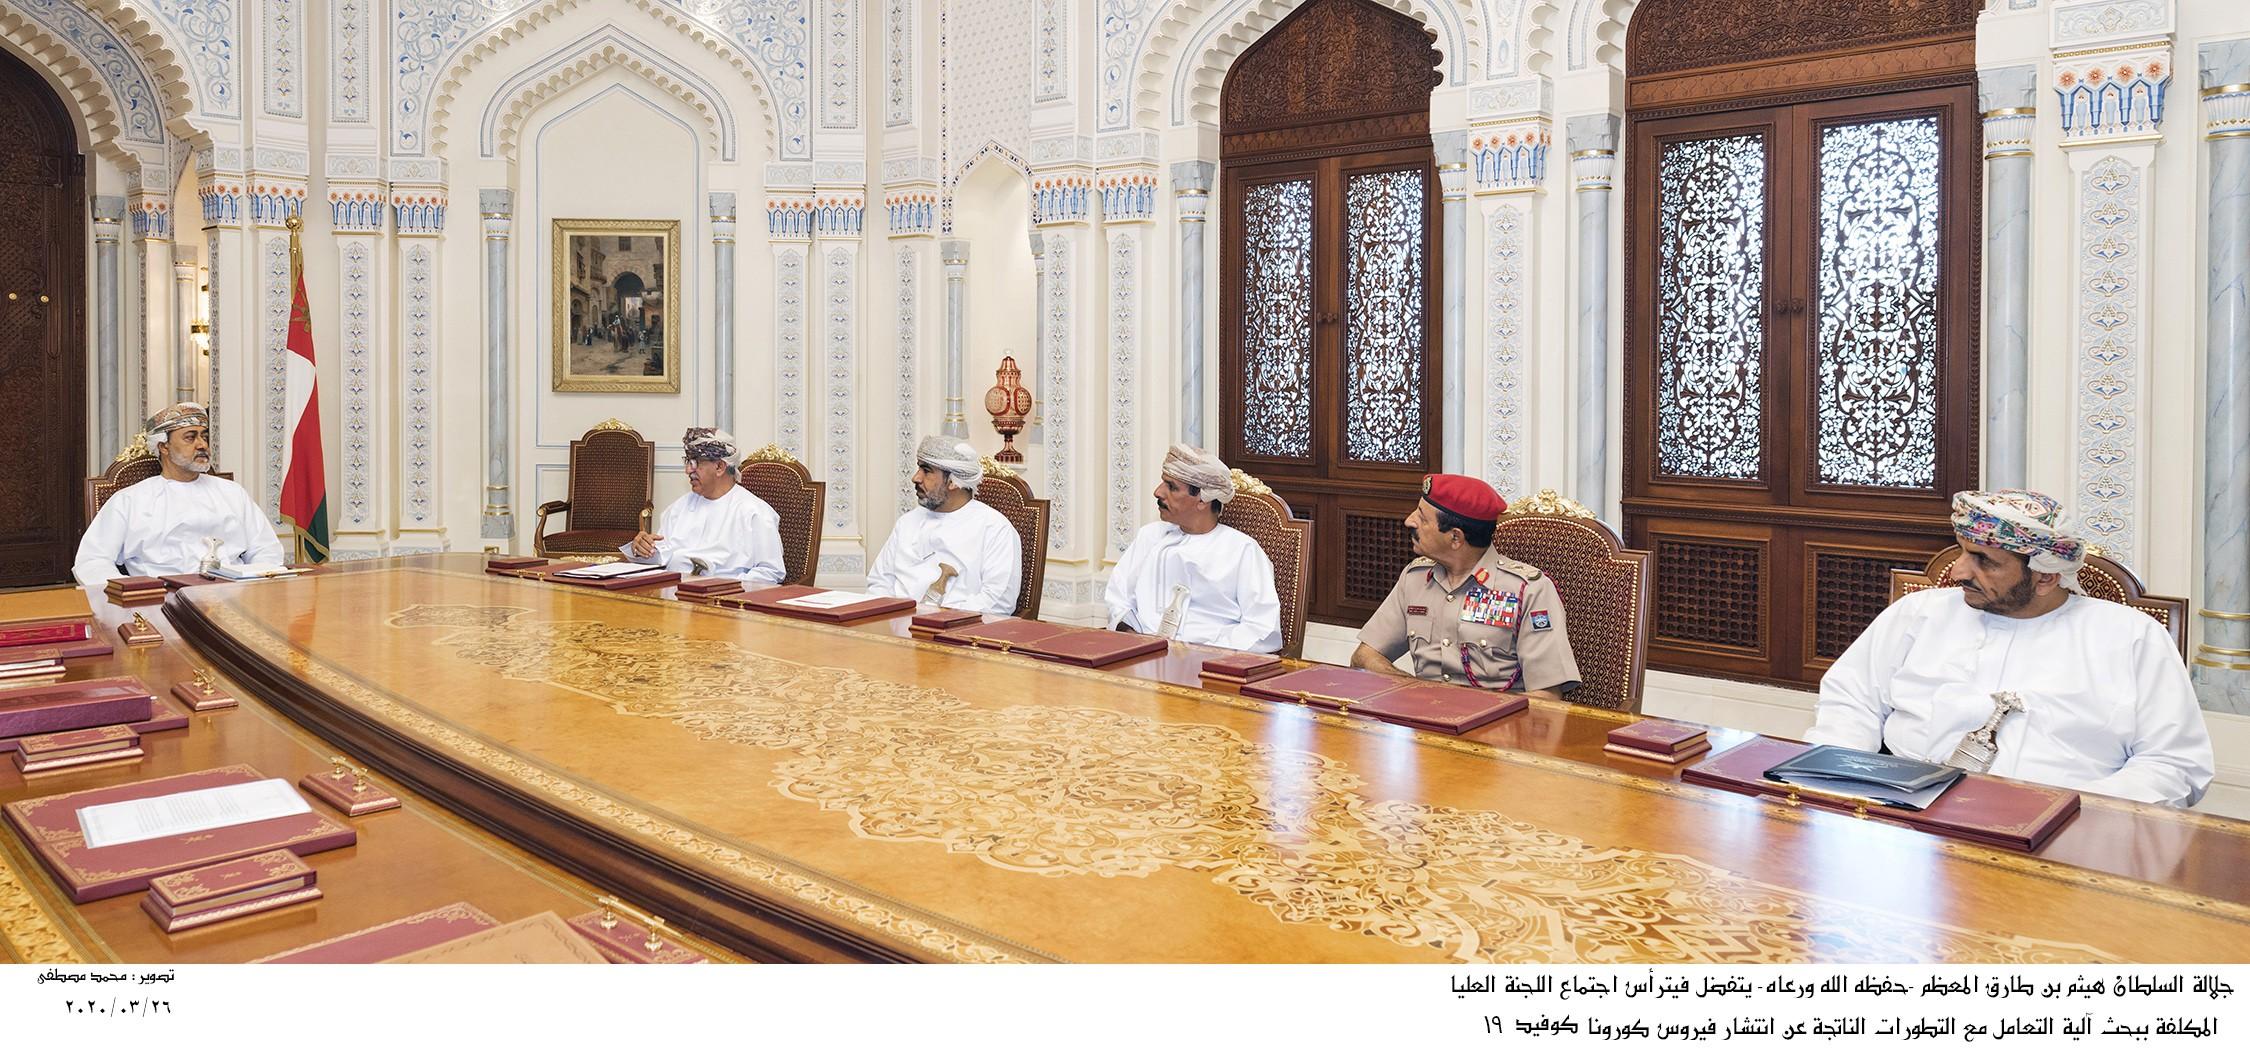 جلالة-السلطان-المعظم-يترأس-اجتماع-اللجنة-العليا-المكلفة-ببحث-آليات-التعامل-مع-انتشار-فيروس-كورونا3.jpg